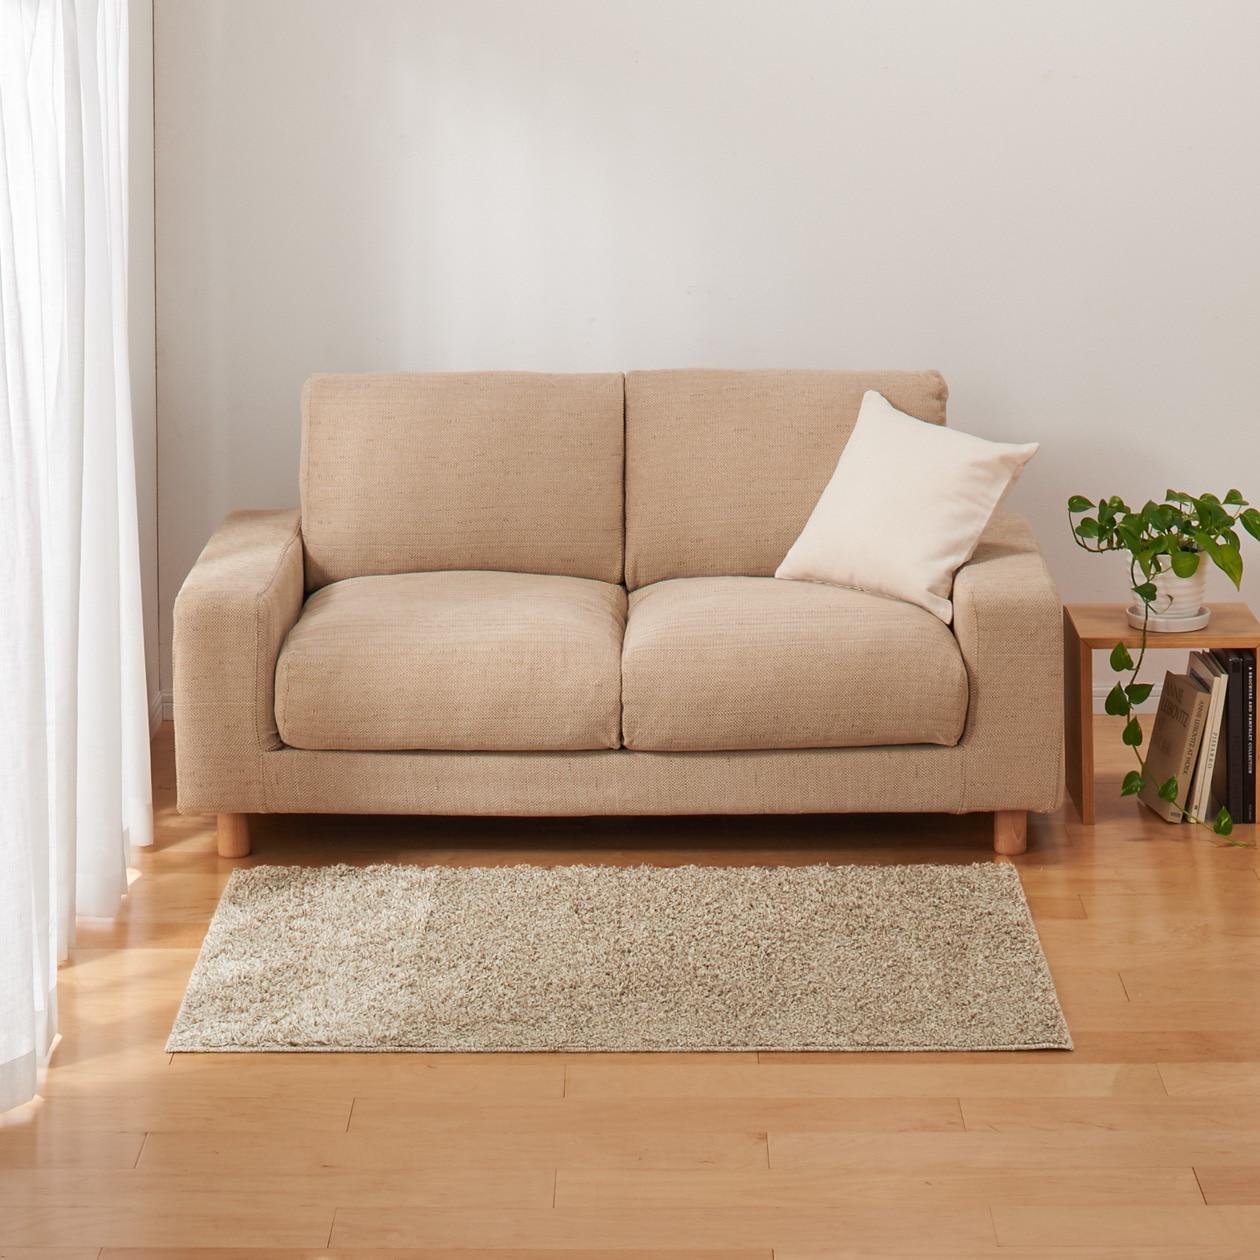 綿麻カットパイルラグ/ブラウン 100×140cm/ブラウン